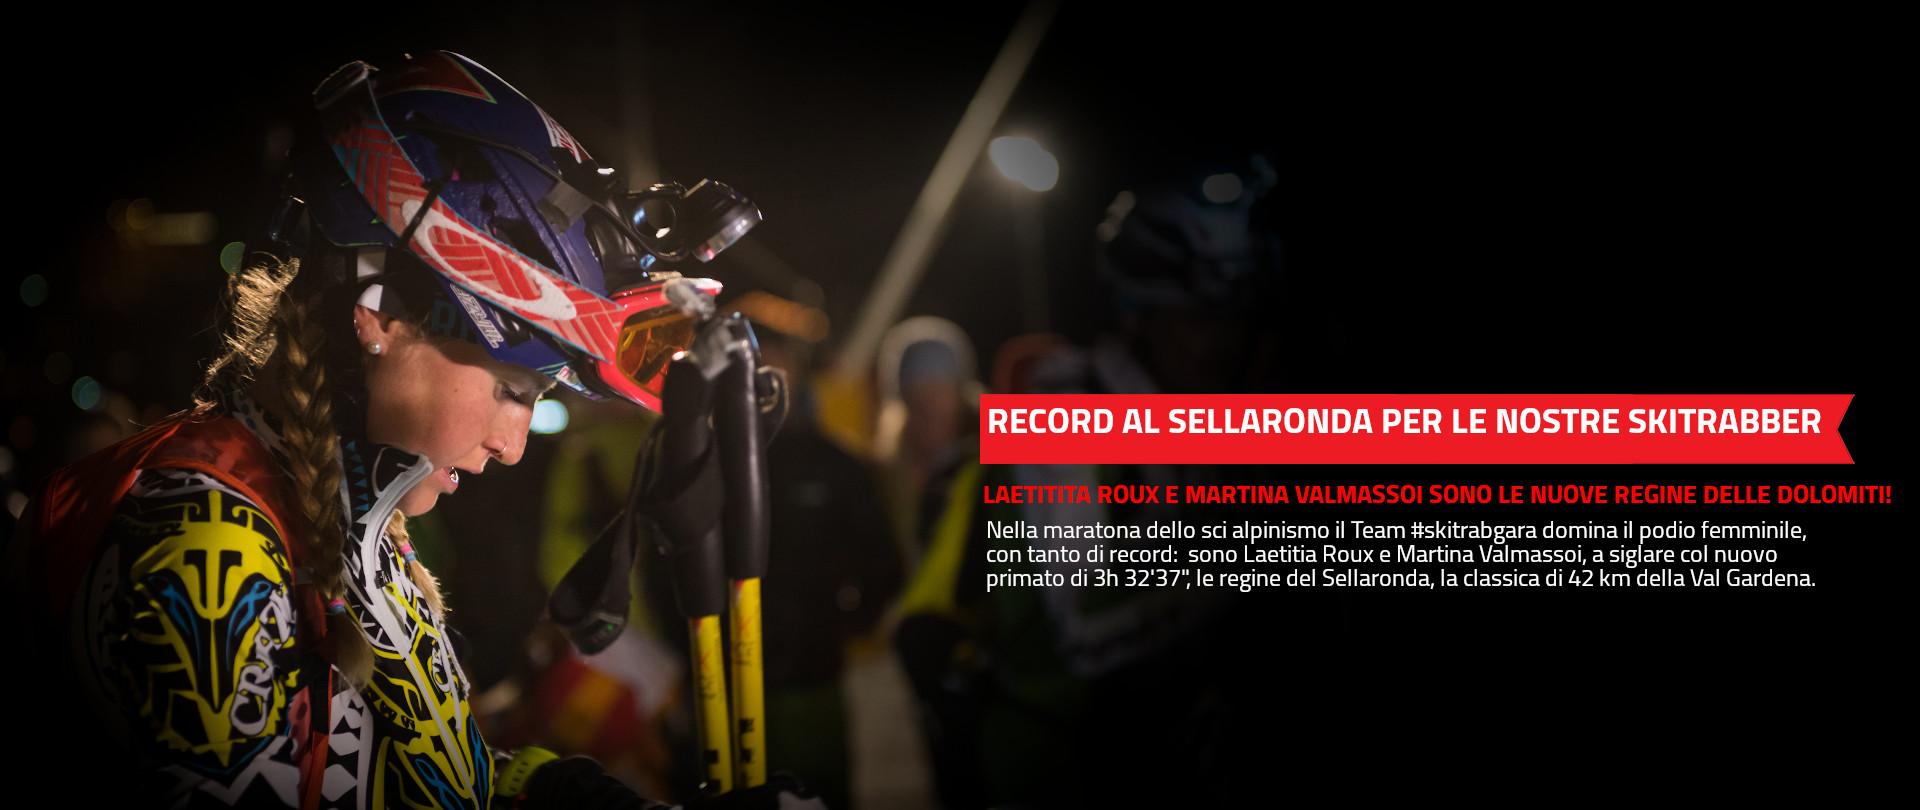 SELLARONDA da record per le nostre #skitrabber!